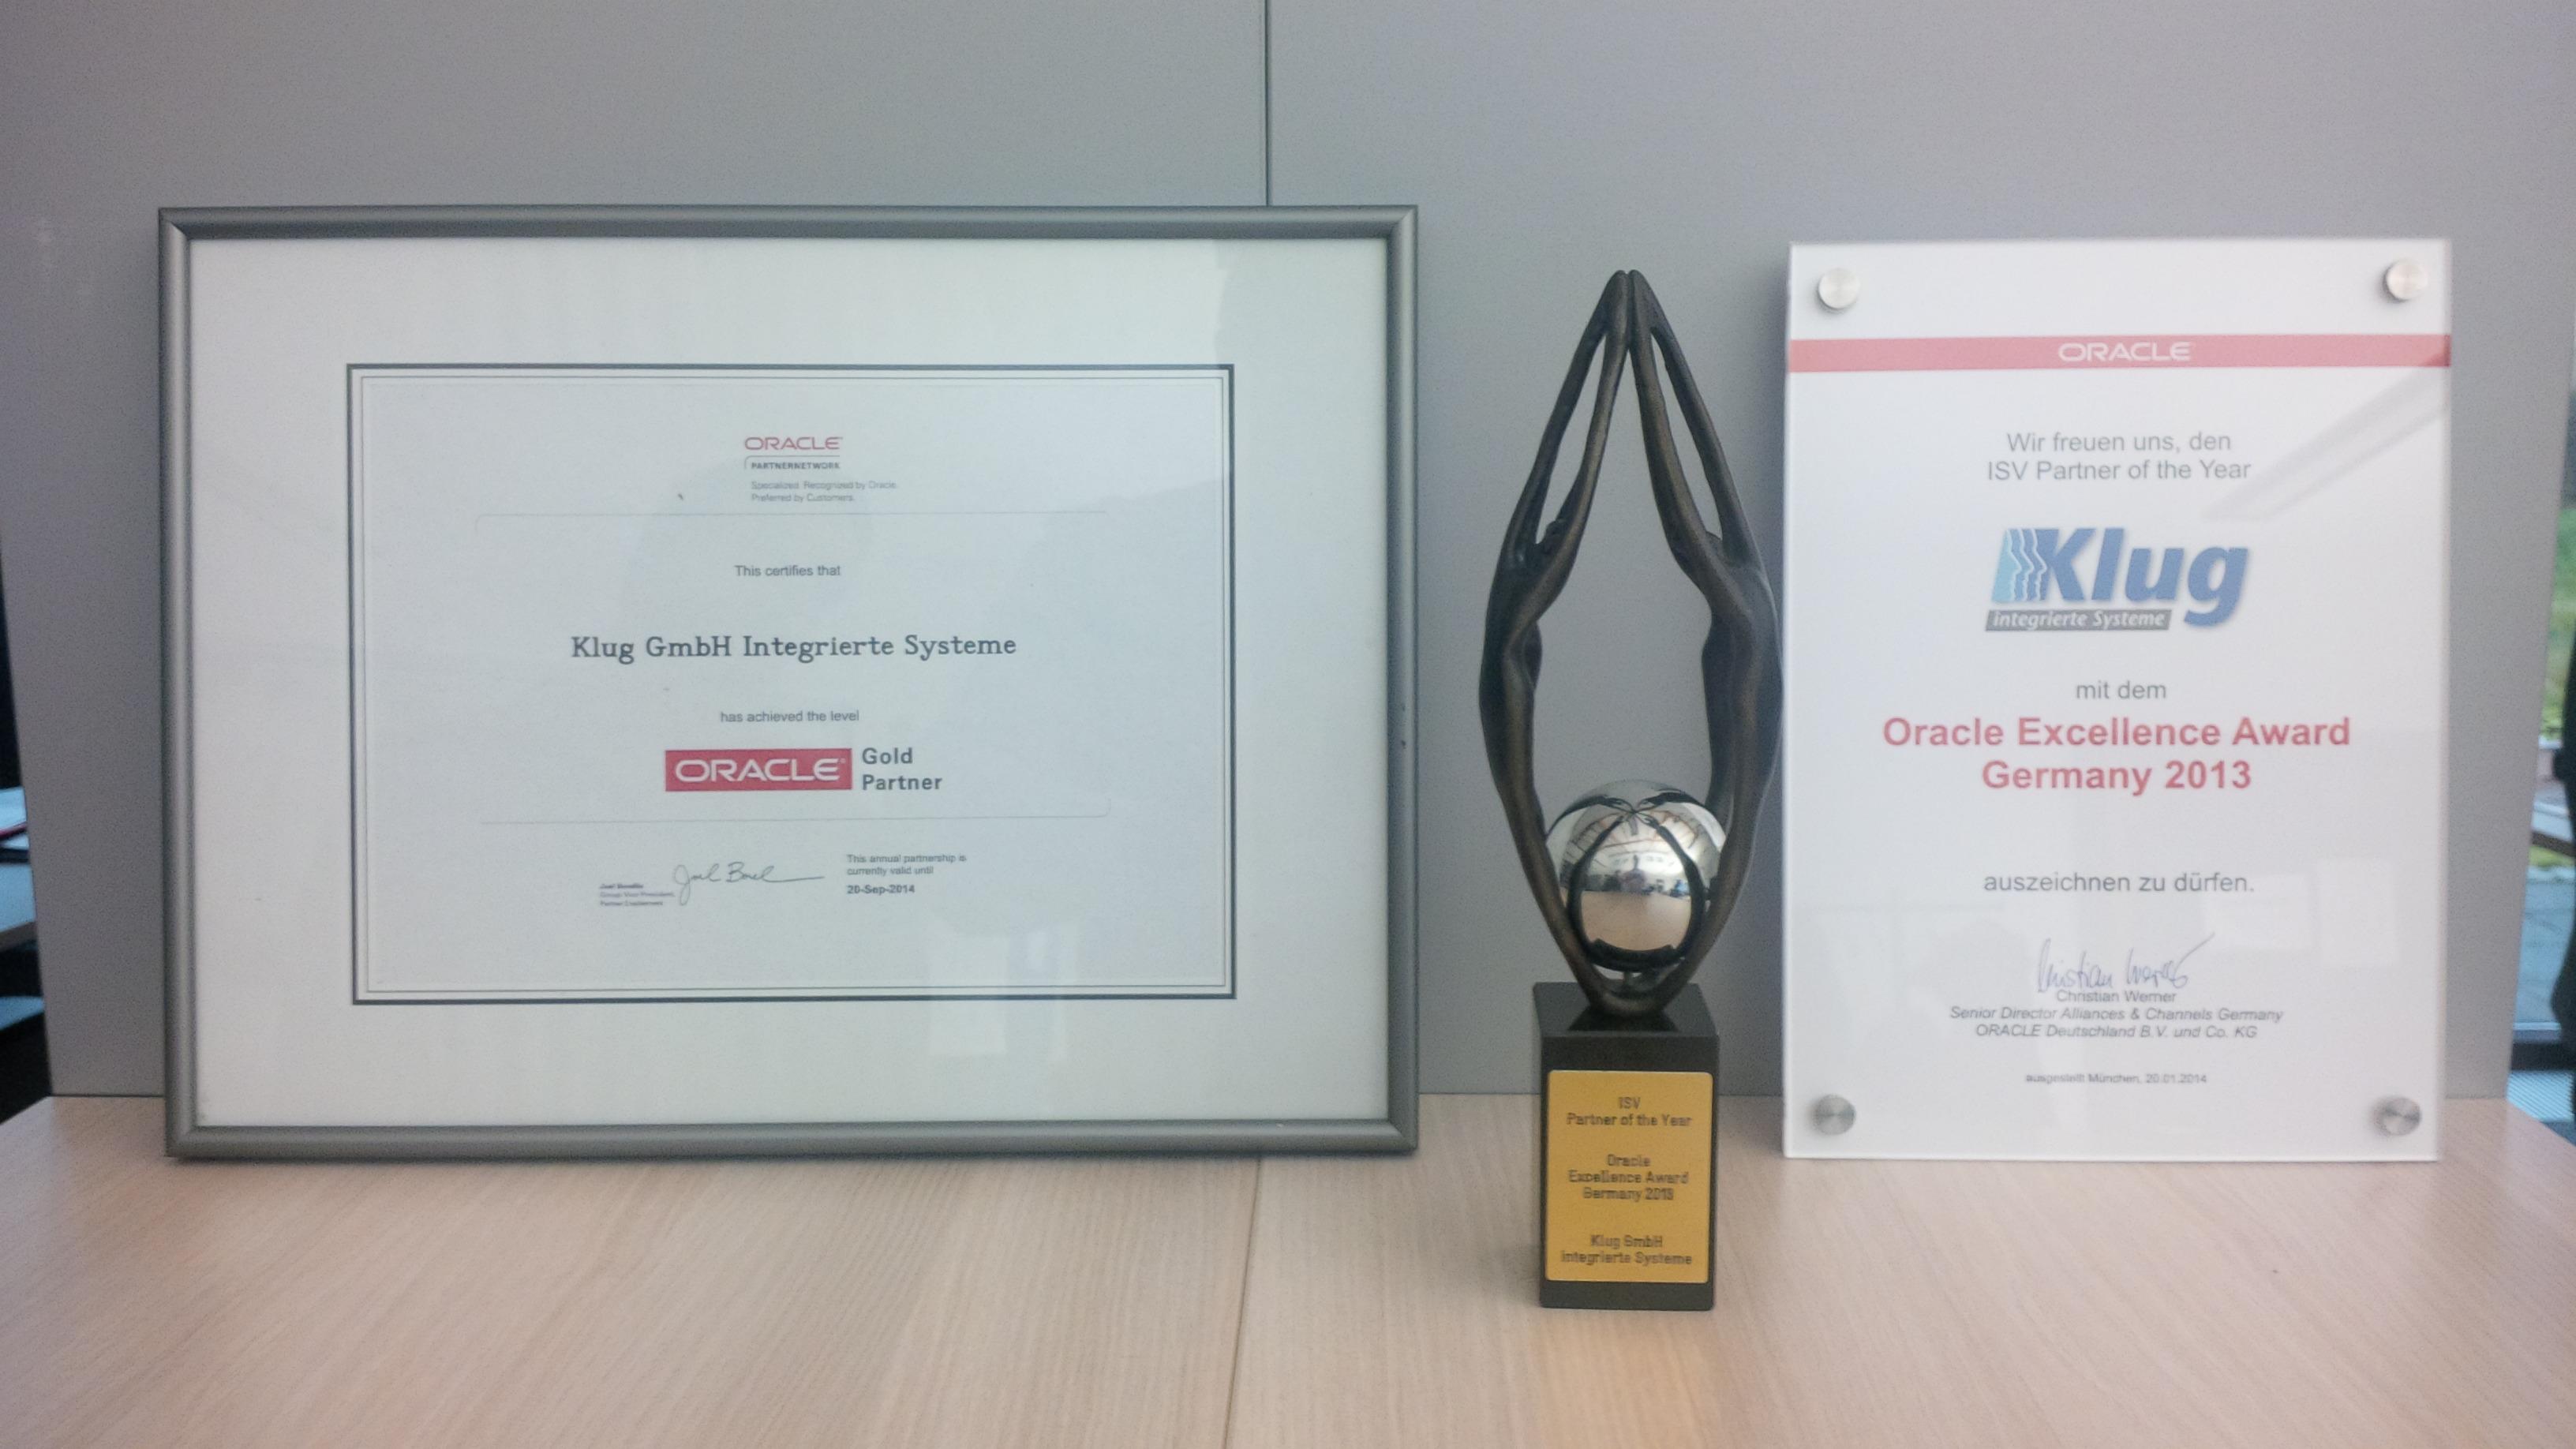 Oracle award at Klug